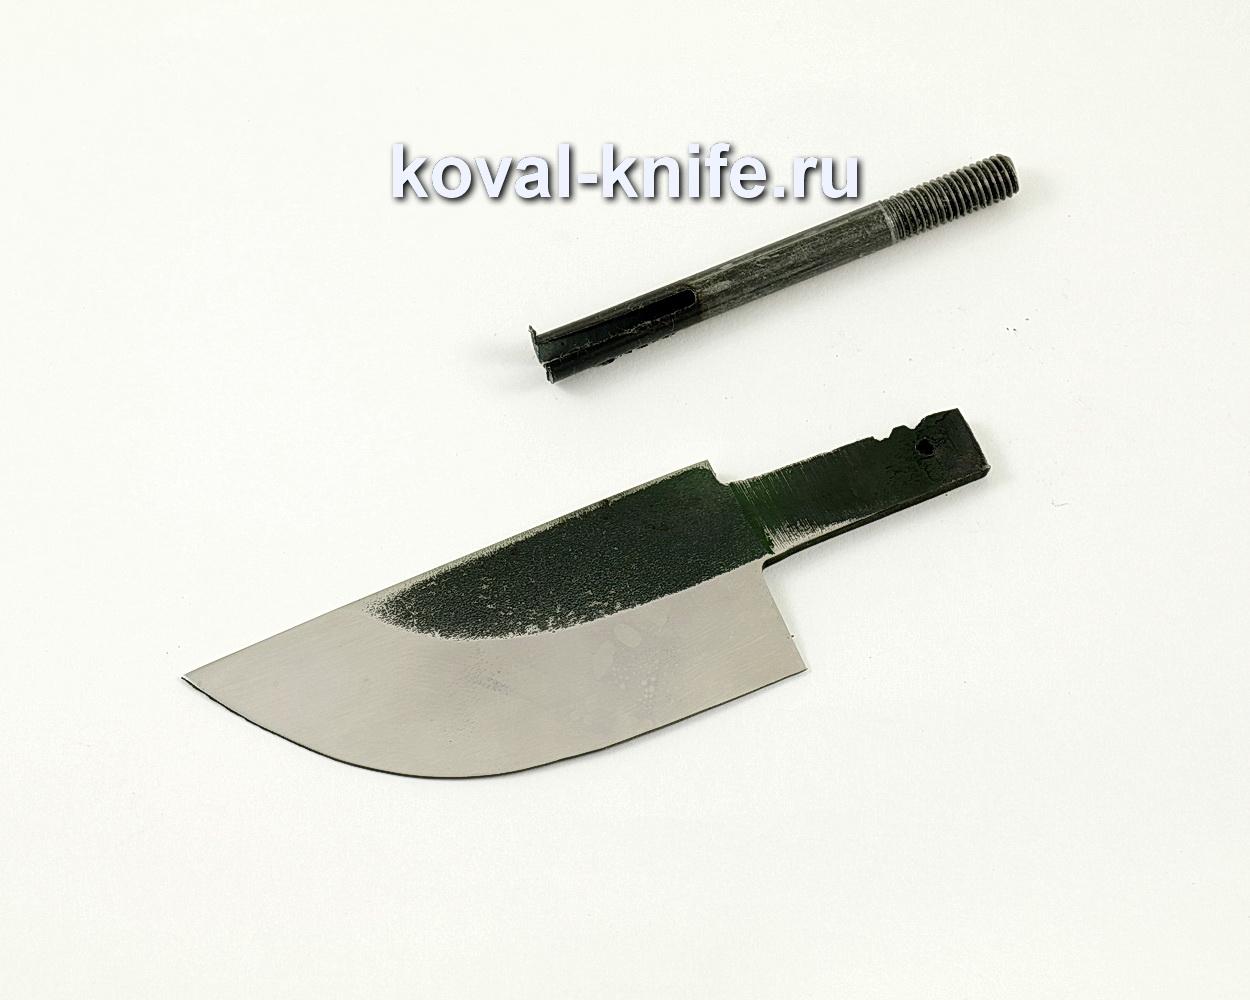 Клинок для ножа Скин (кованая сталь 110Х18)